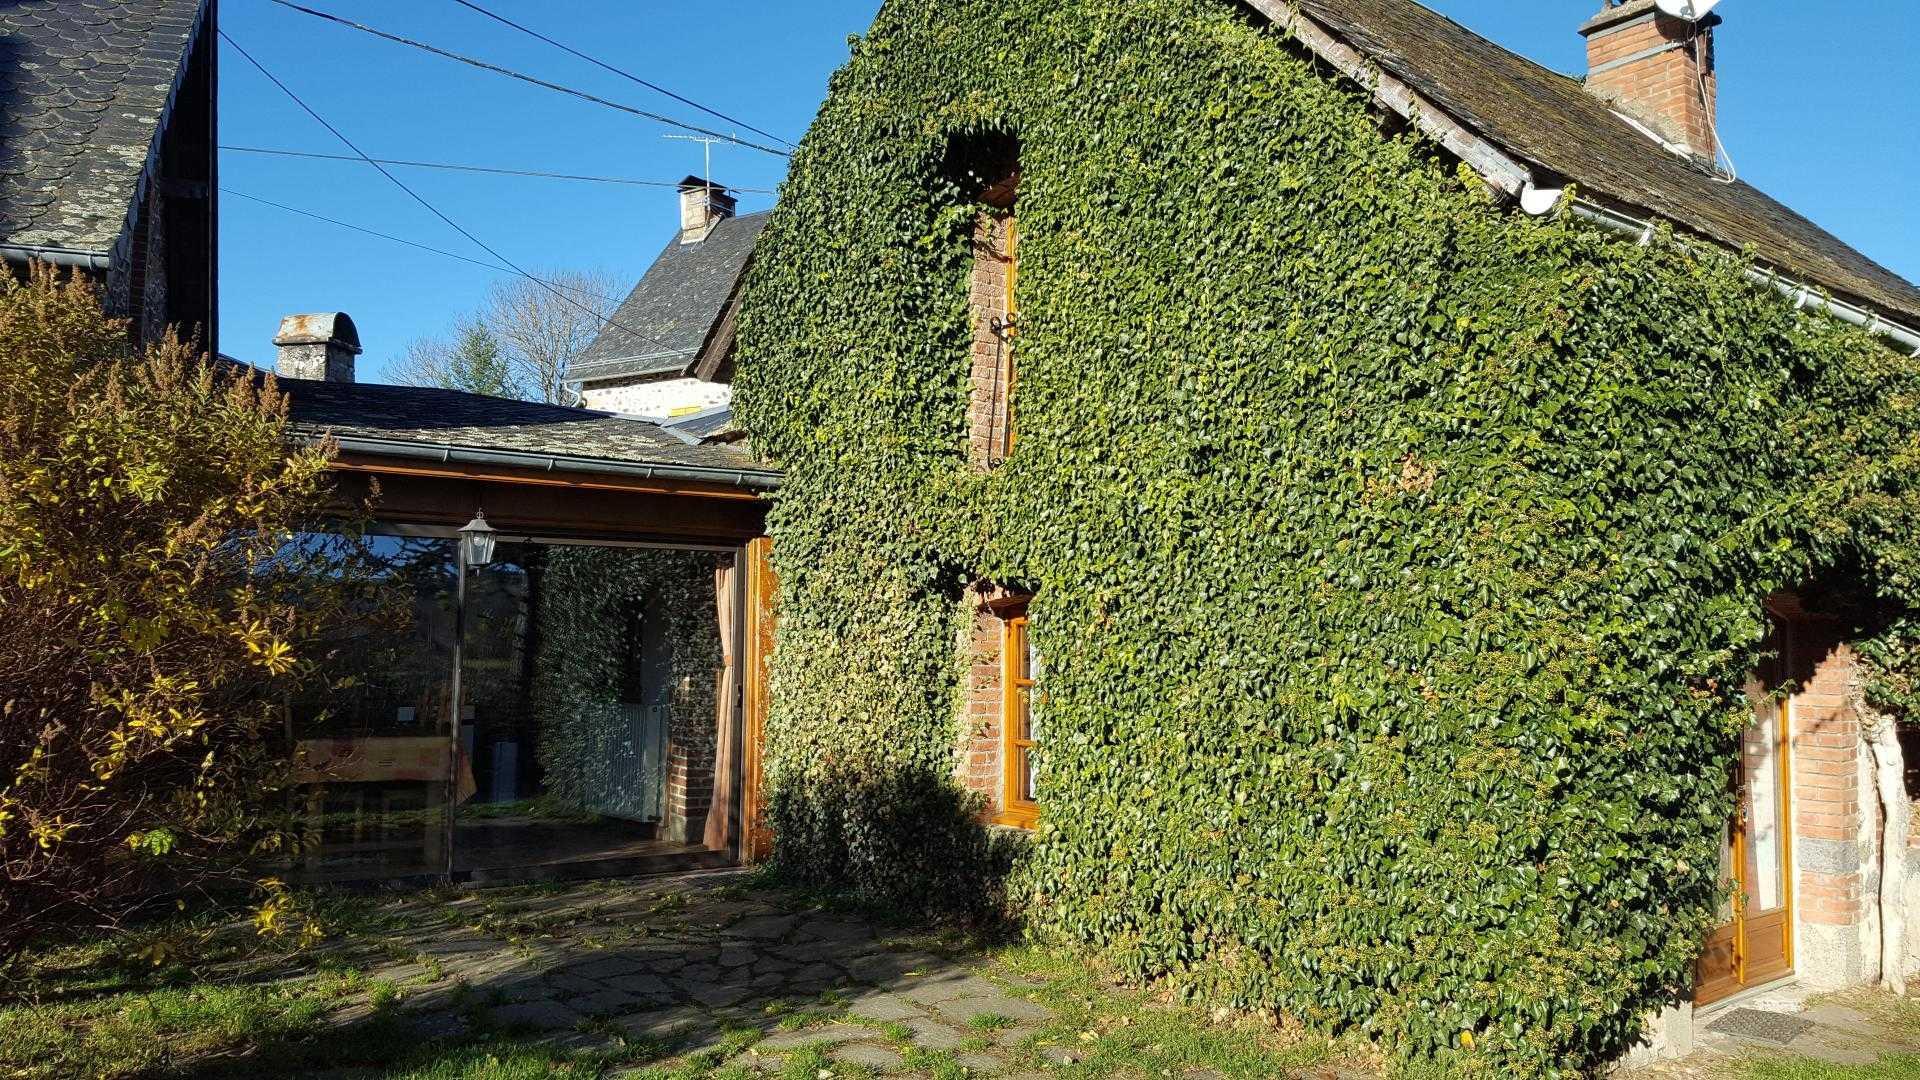 Photo Location Gîtes de France  - Réf : 19G4076- COURTEIX